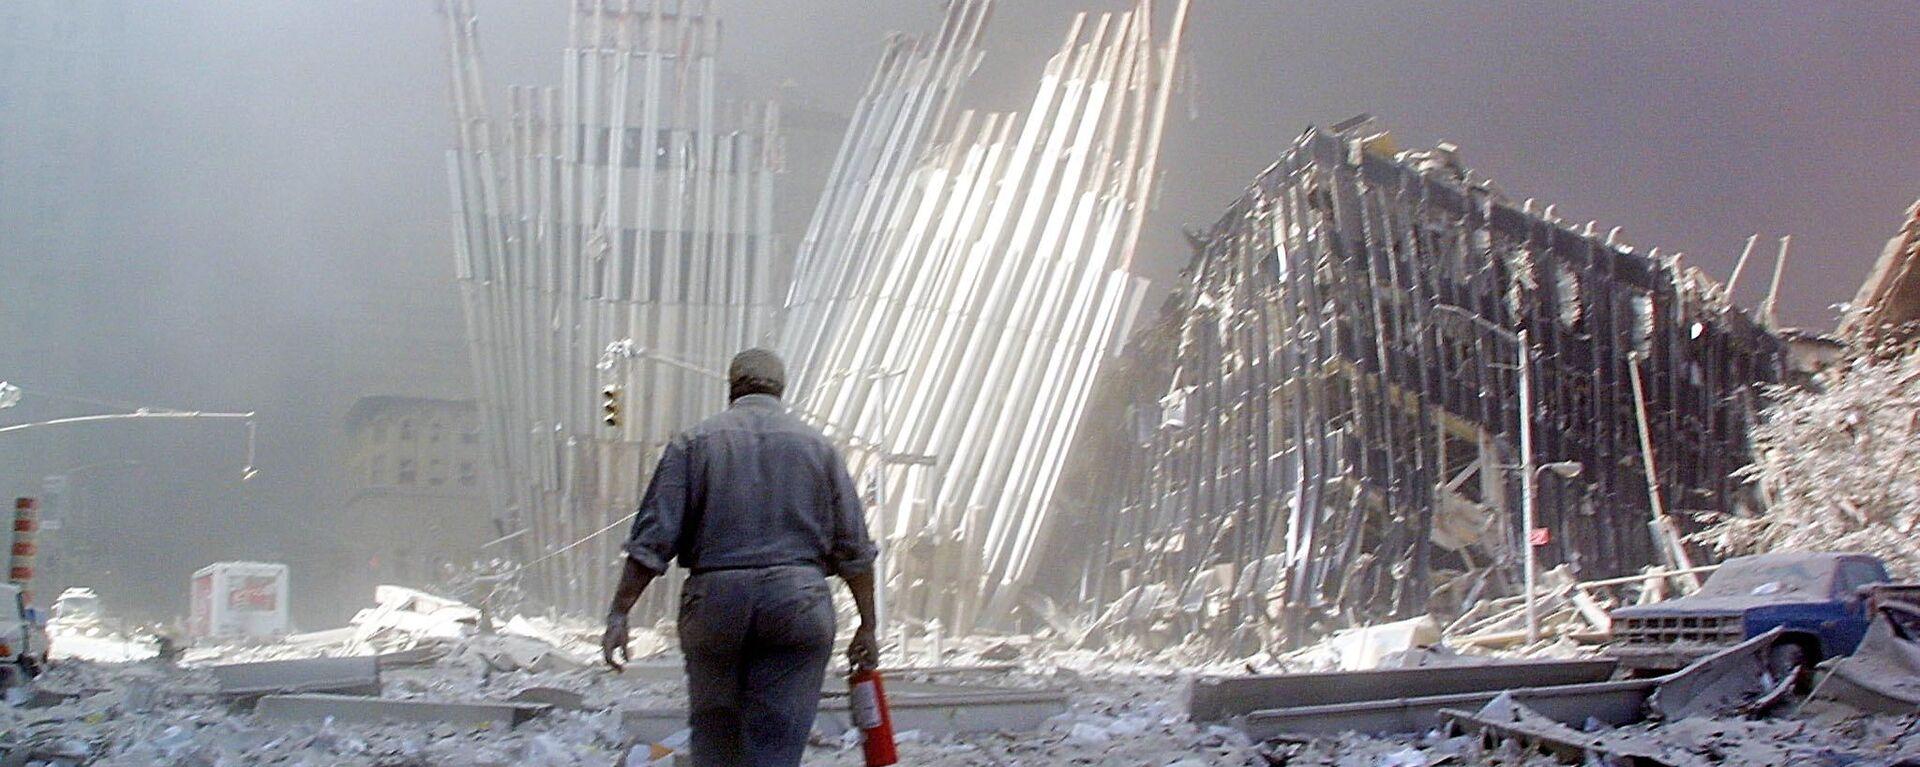 Мужчина с огнетушителем на месте атаки Всемирного торгового центра 11 сентября в Нью-Йорке  - Sputnik Таджикистан, 1920, 09.09.2021